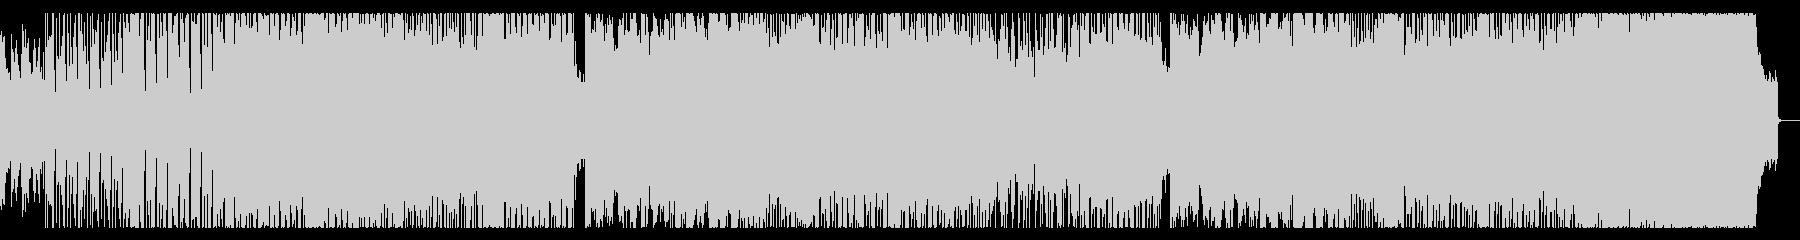 スピード感あるドラムンベースロックの未再生の波形